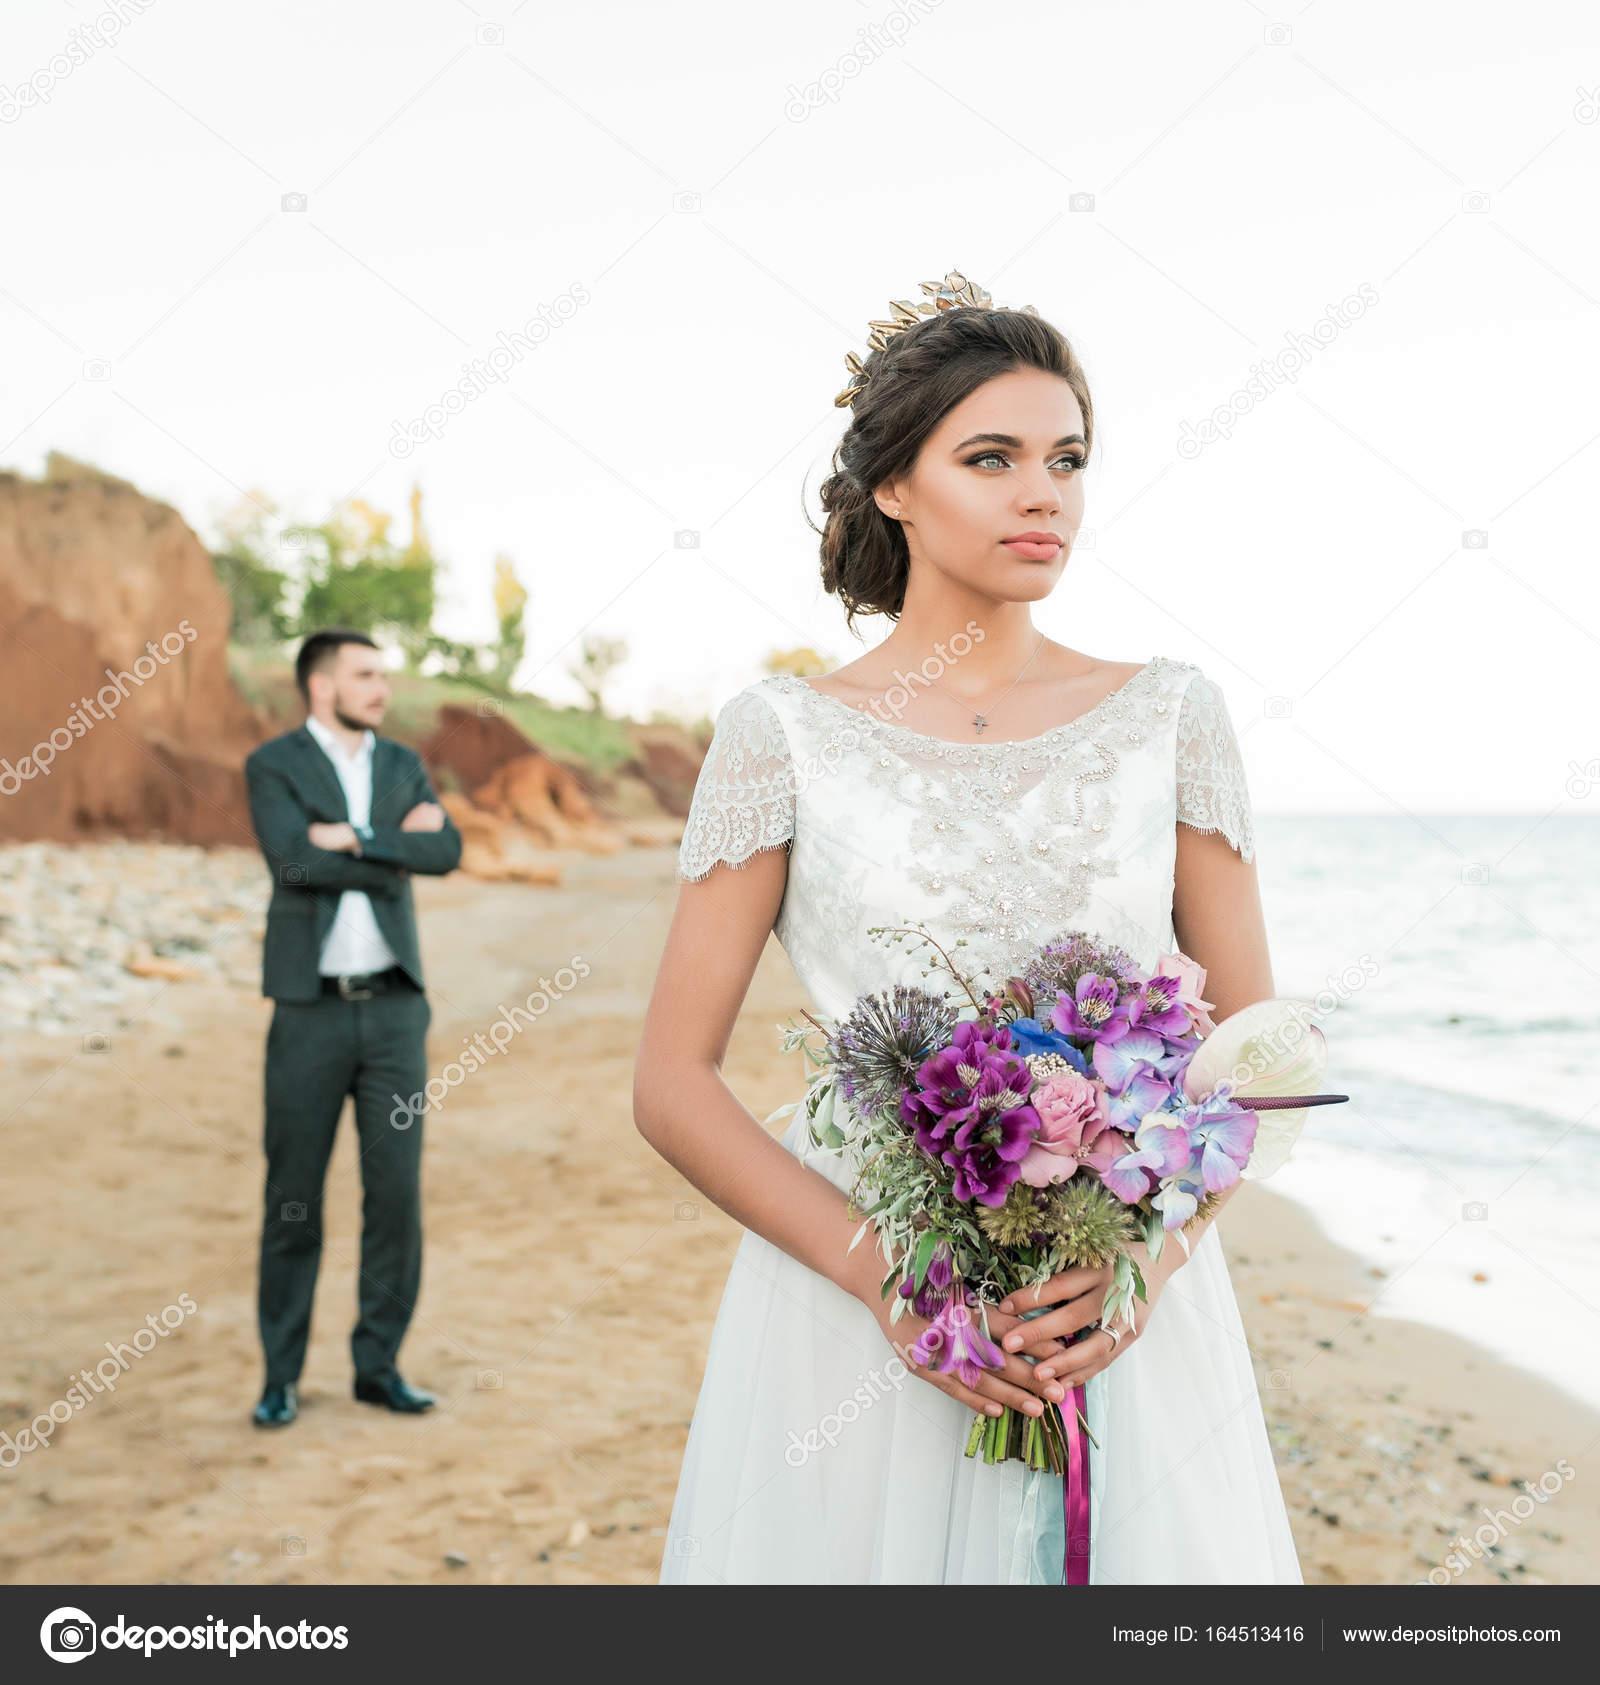 Hochzeit paar, in der Nähe von Bräutigam und Braut im Hochzeitskleid ...